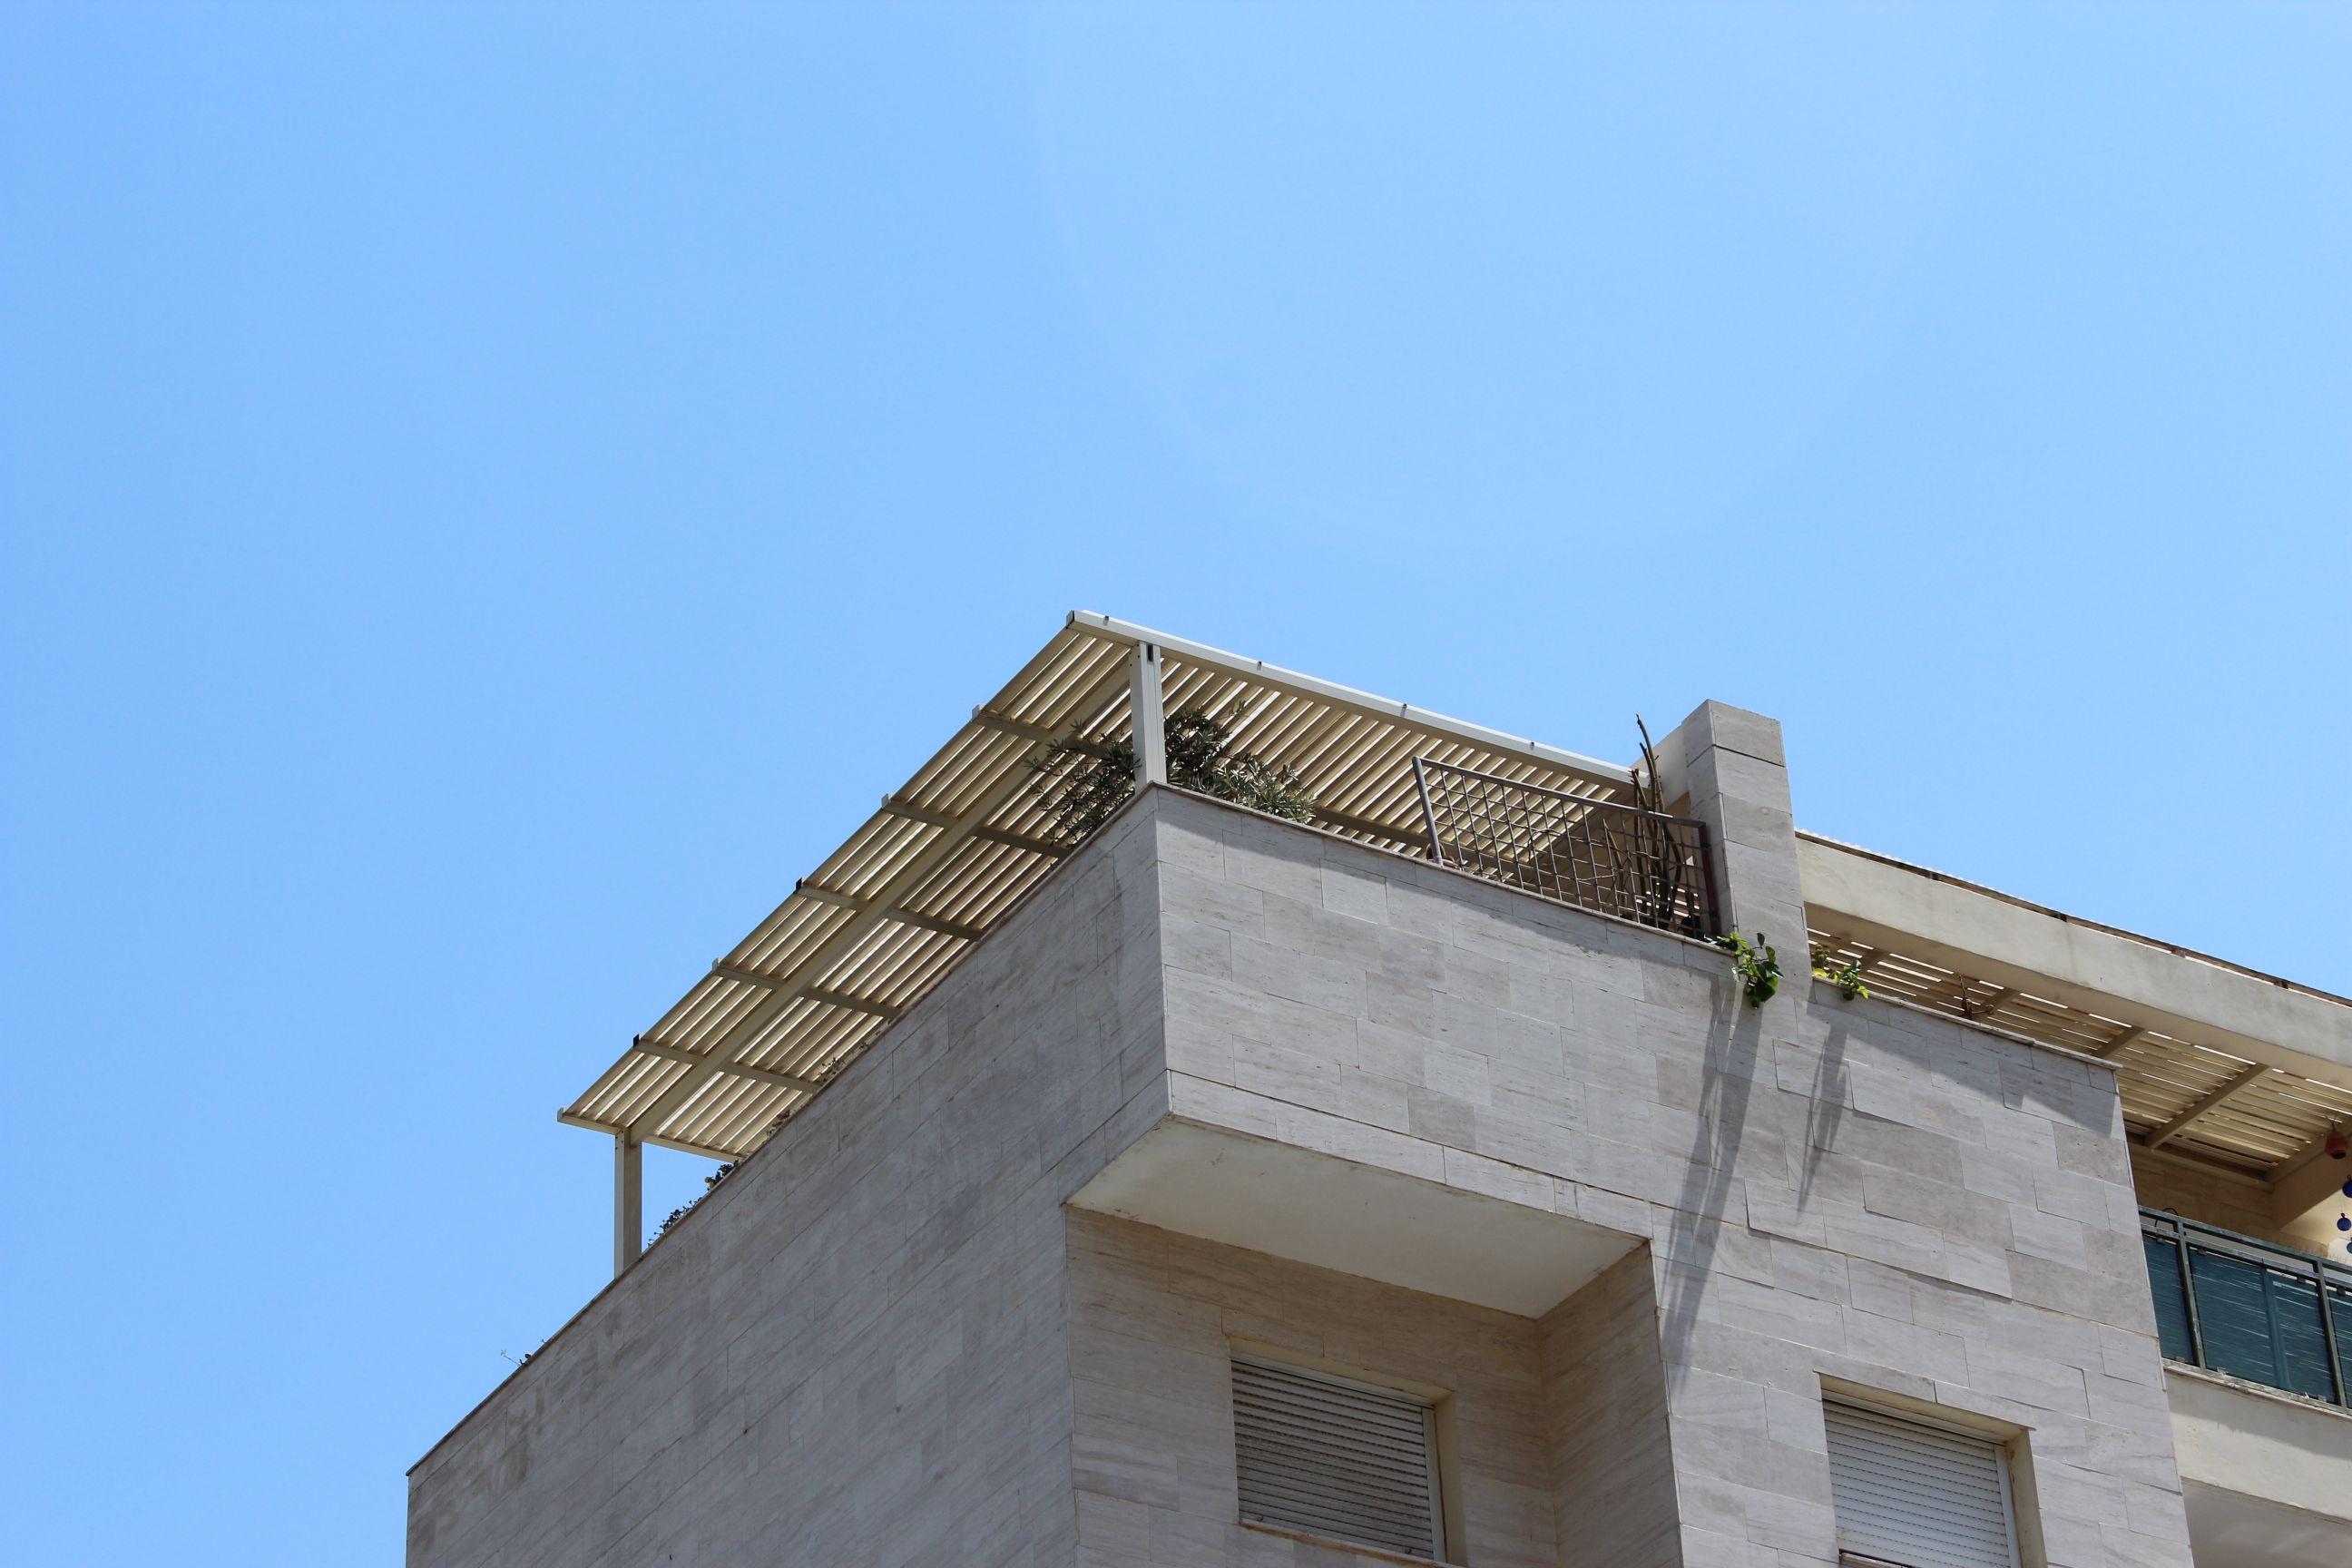 פרגולות אלומיניום - פרגולות לדירות גג - פרגולה לדירת גג